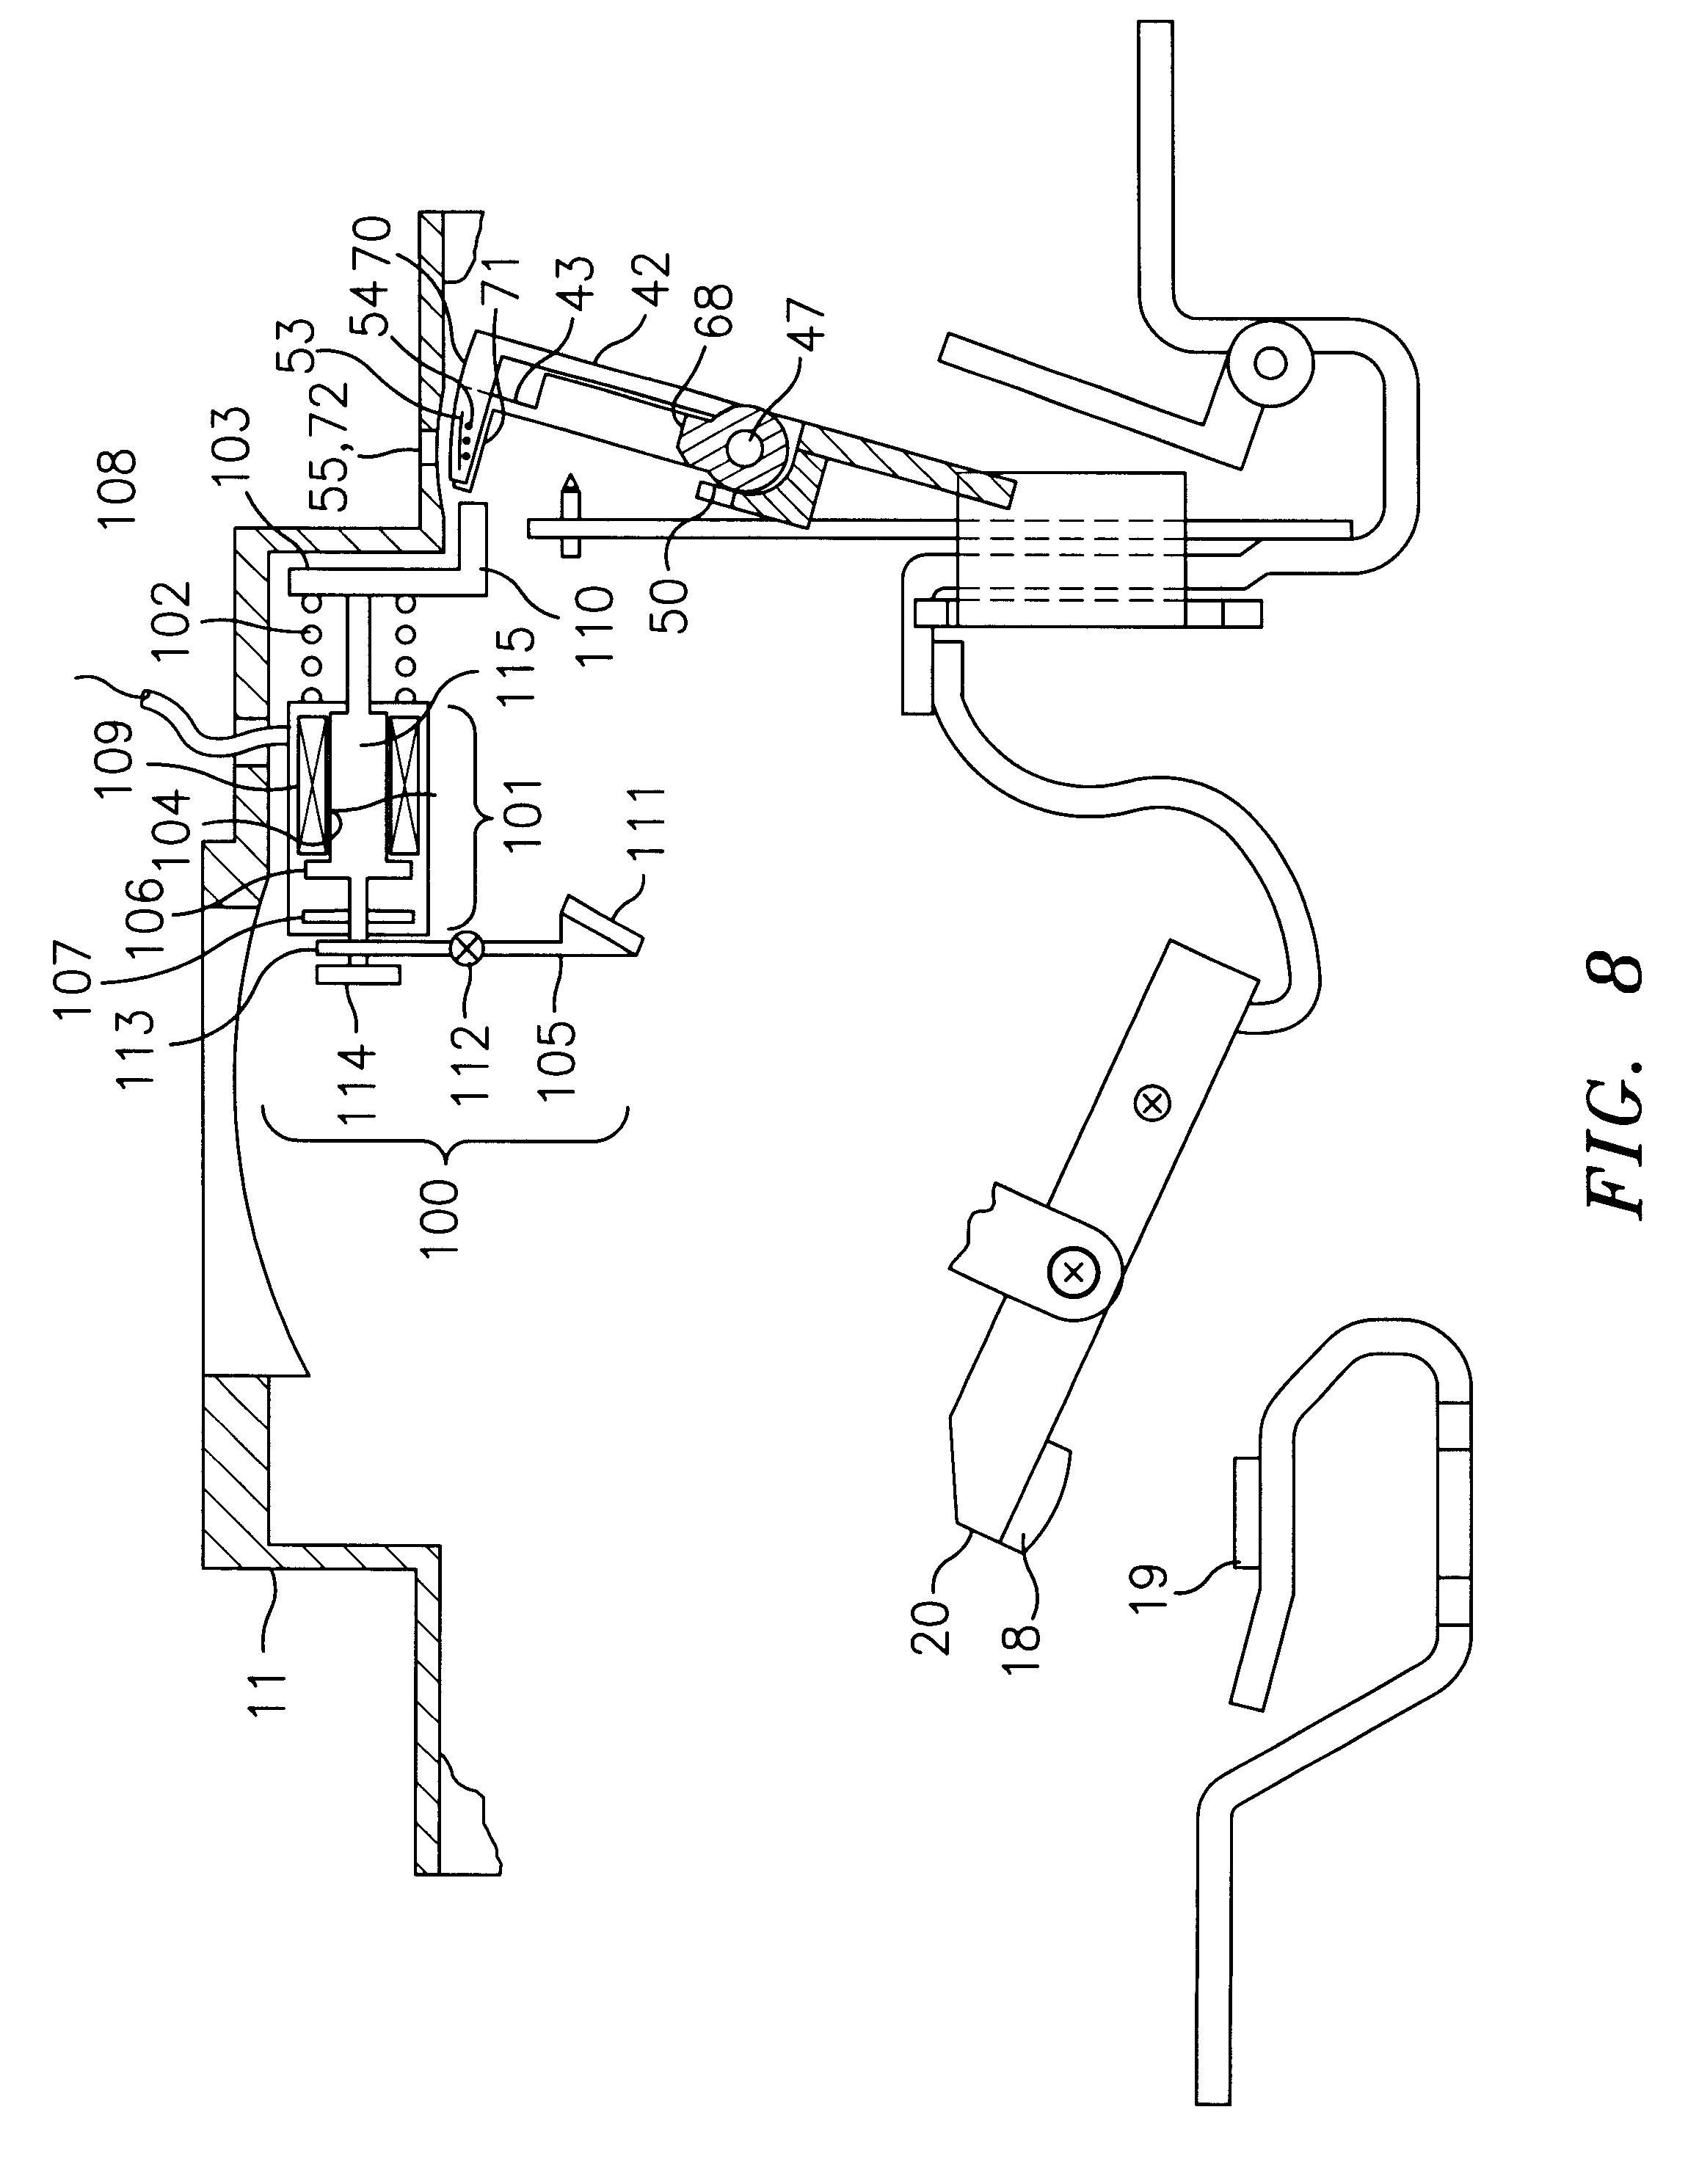 patent us6225881